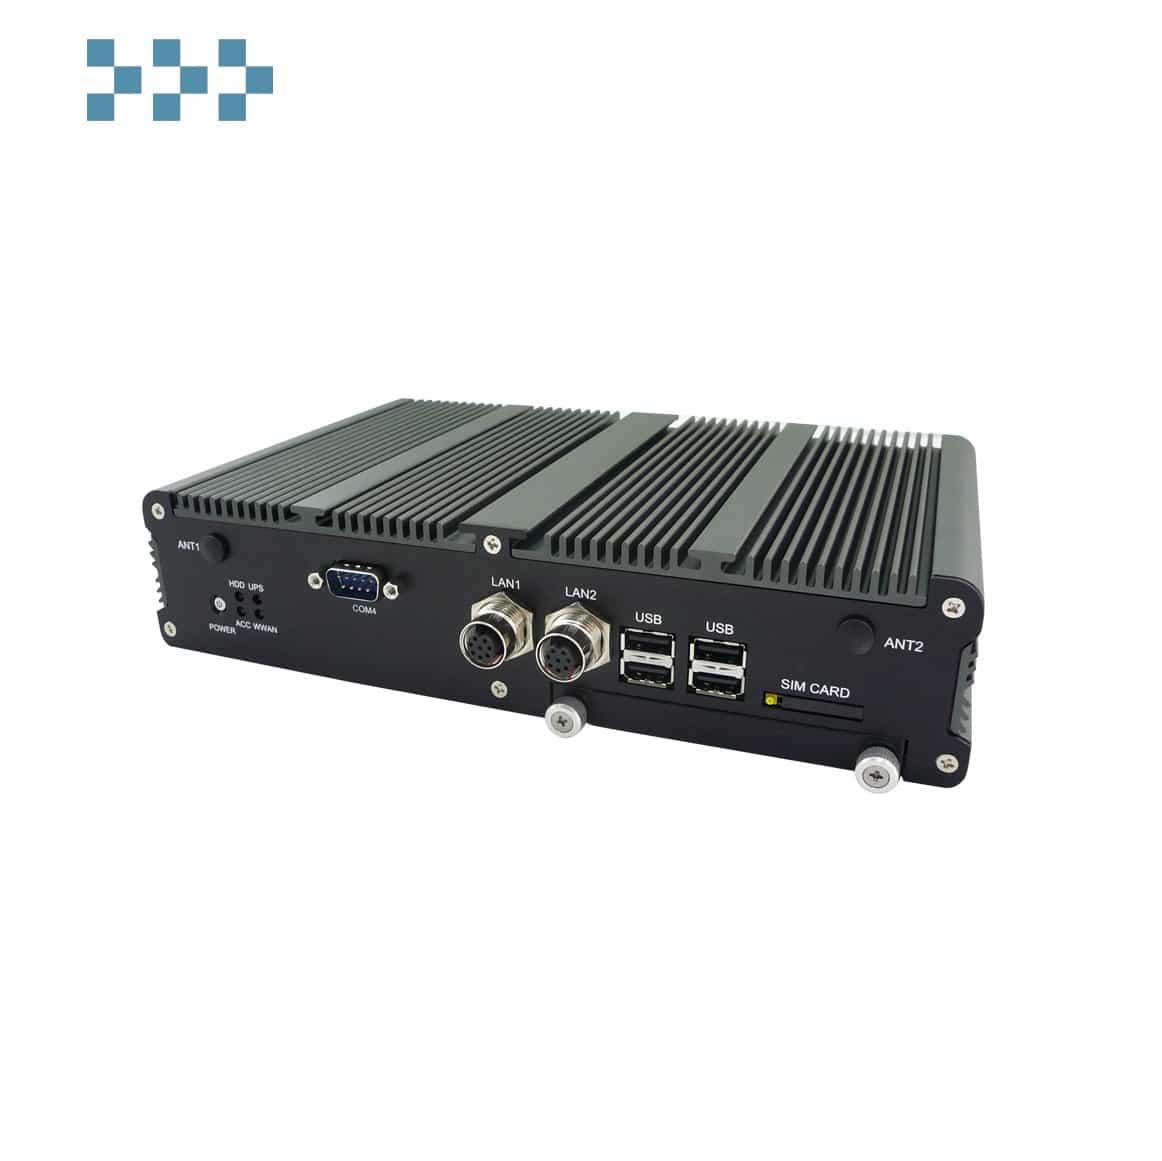 Компьютер промышленный Sintrones VBOX-3200-M12